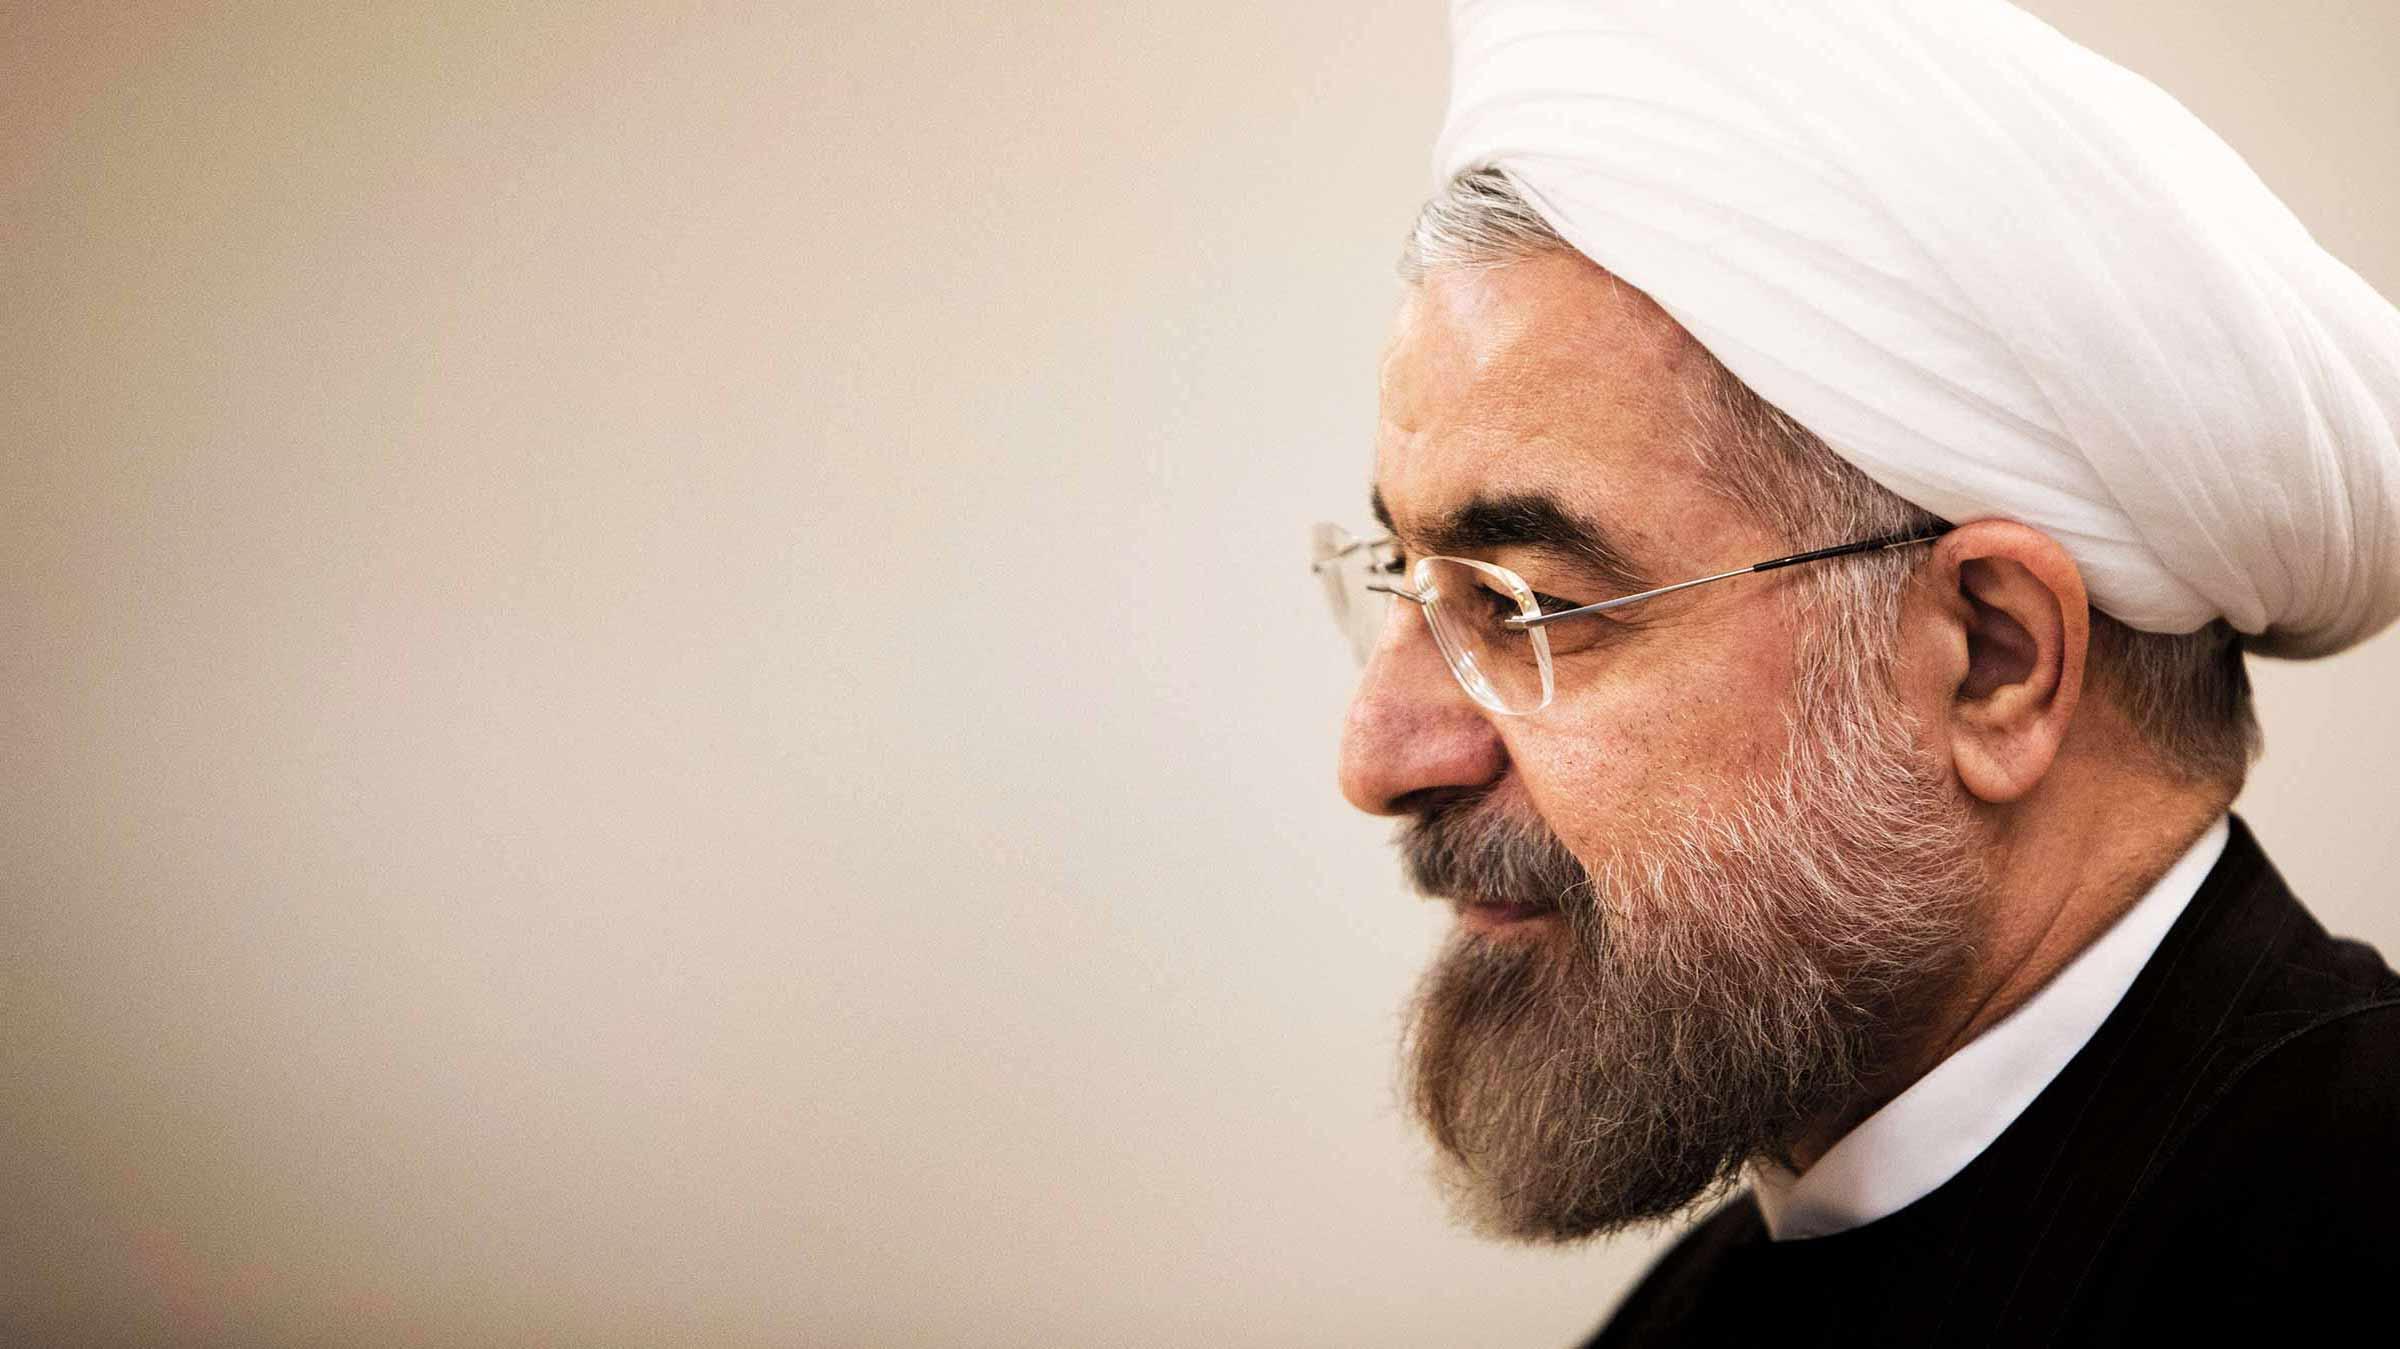 روحانی: ماههای آینده آمریکاییها خواهند دید نمیگذاریم صادرات نفت مان به صفر برسد